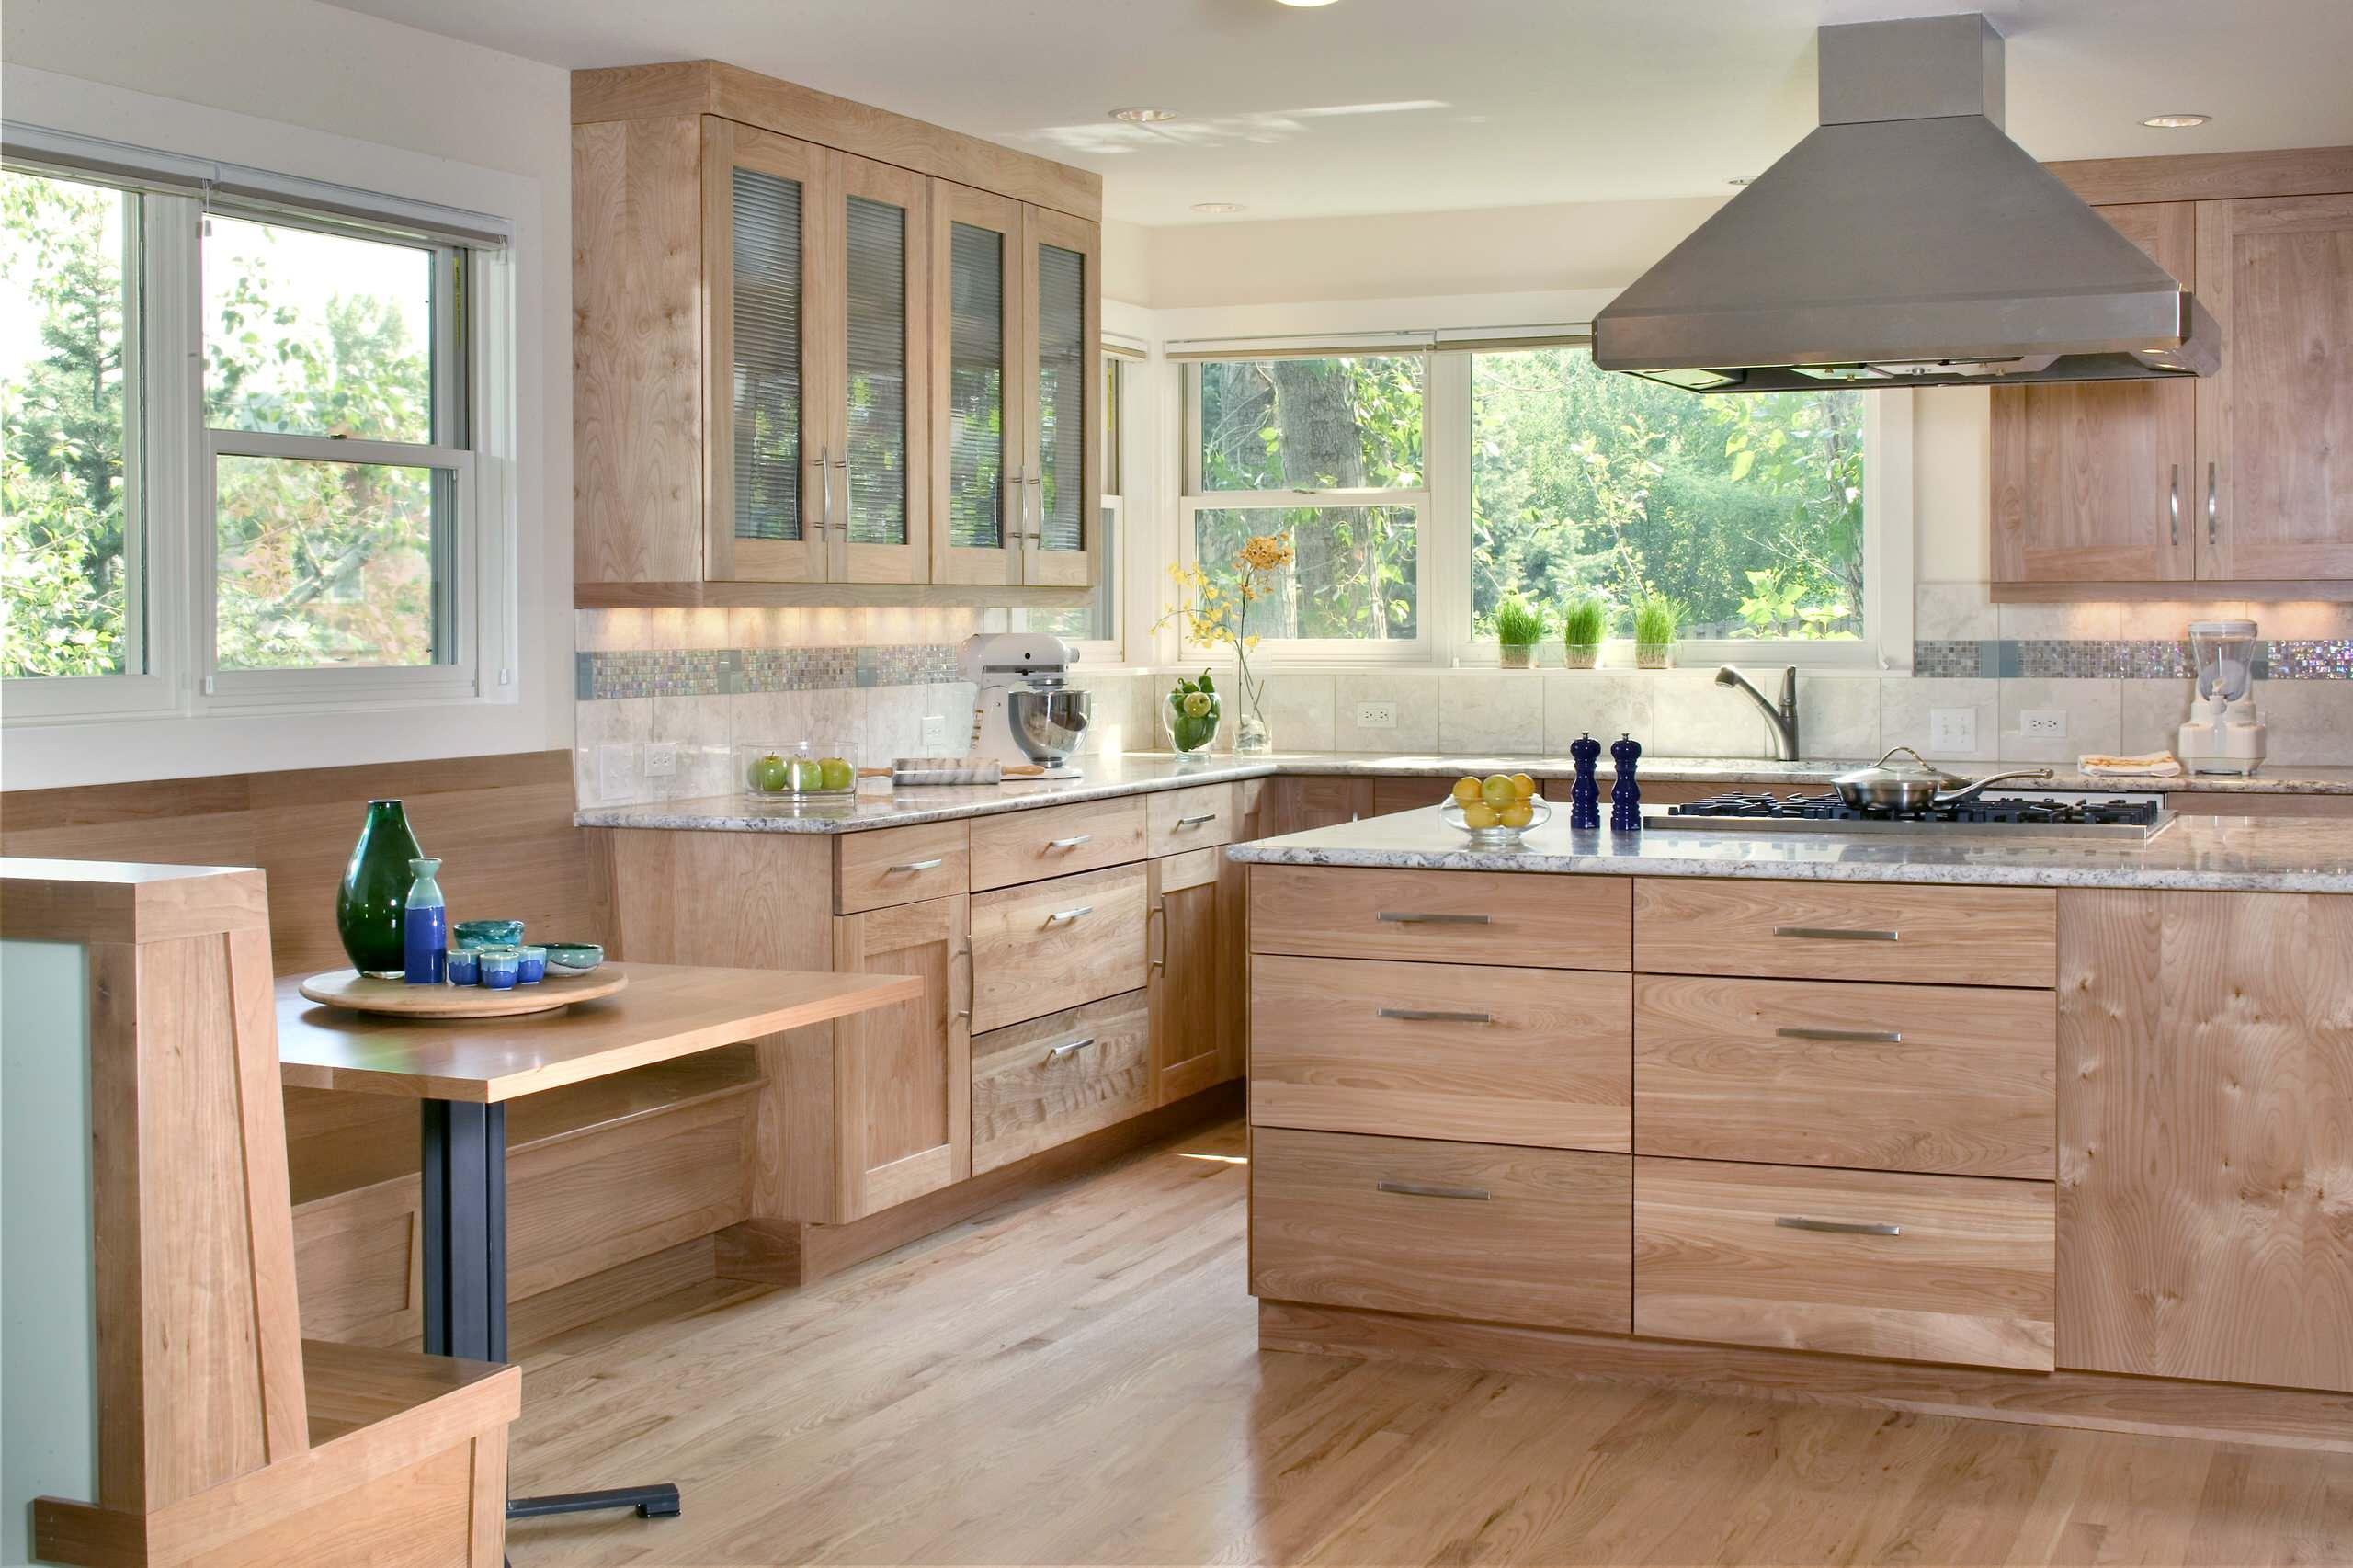 all-wood-kitchen-cabinets-birch